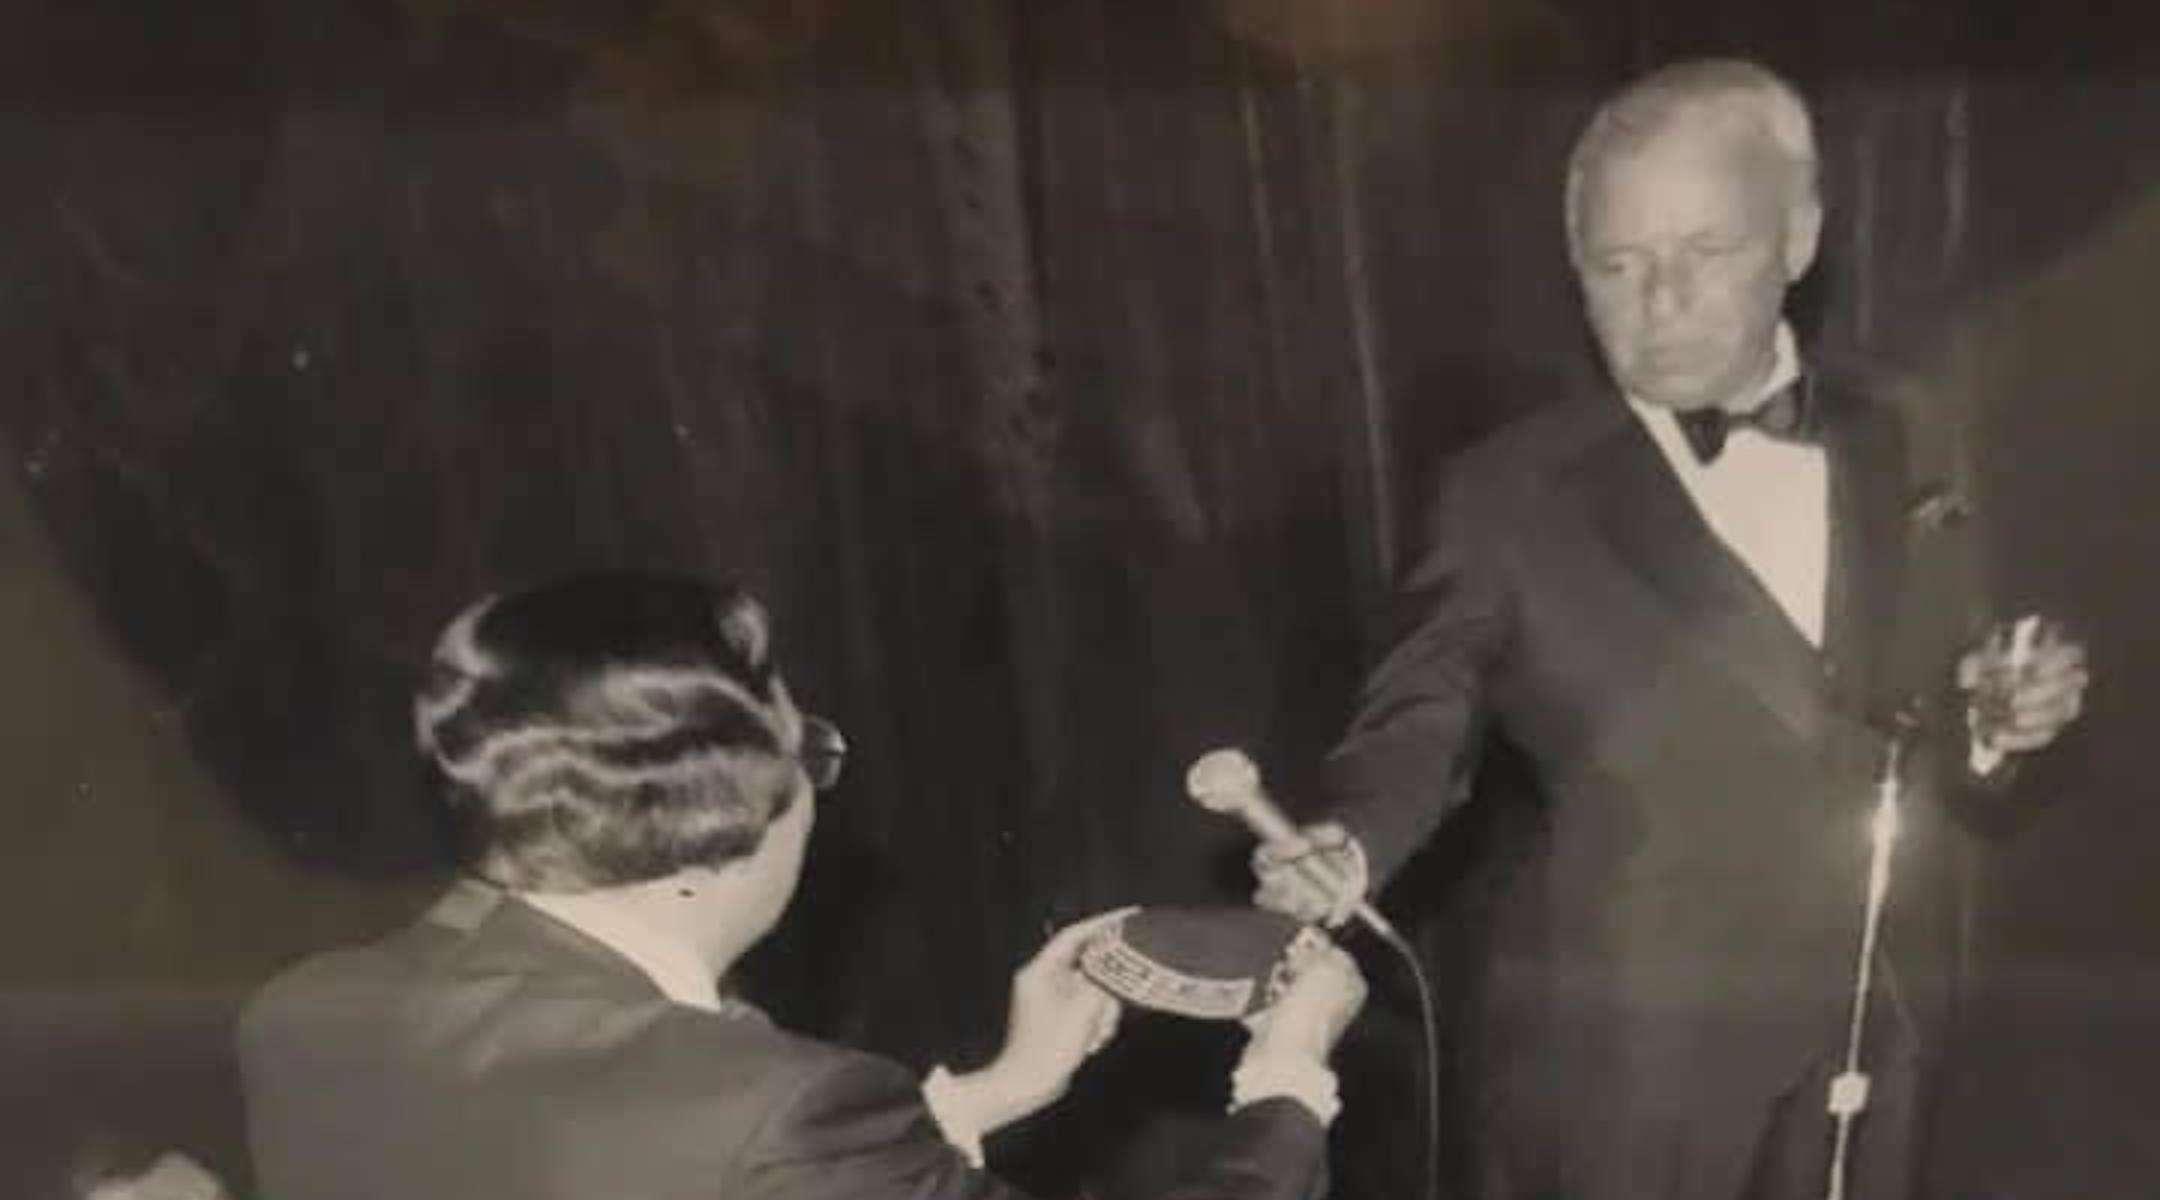 Sonny Schwartz, uno de los organizadores de una recaudación de fondos de 1981 para la Academia Hebrea del Condado de Atlantic, NJ, le presenta a Frank Sinatra una Kipá personalizada en el evento, que se celebra en un hotel kosher en Atlantic City.(Cortesía de Pauline Schwartz)